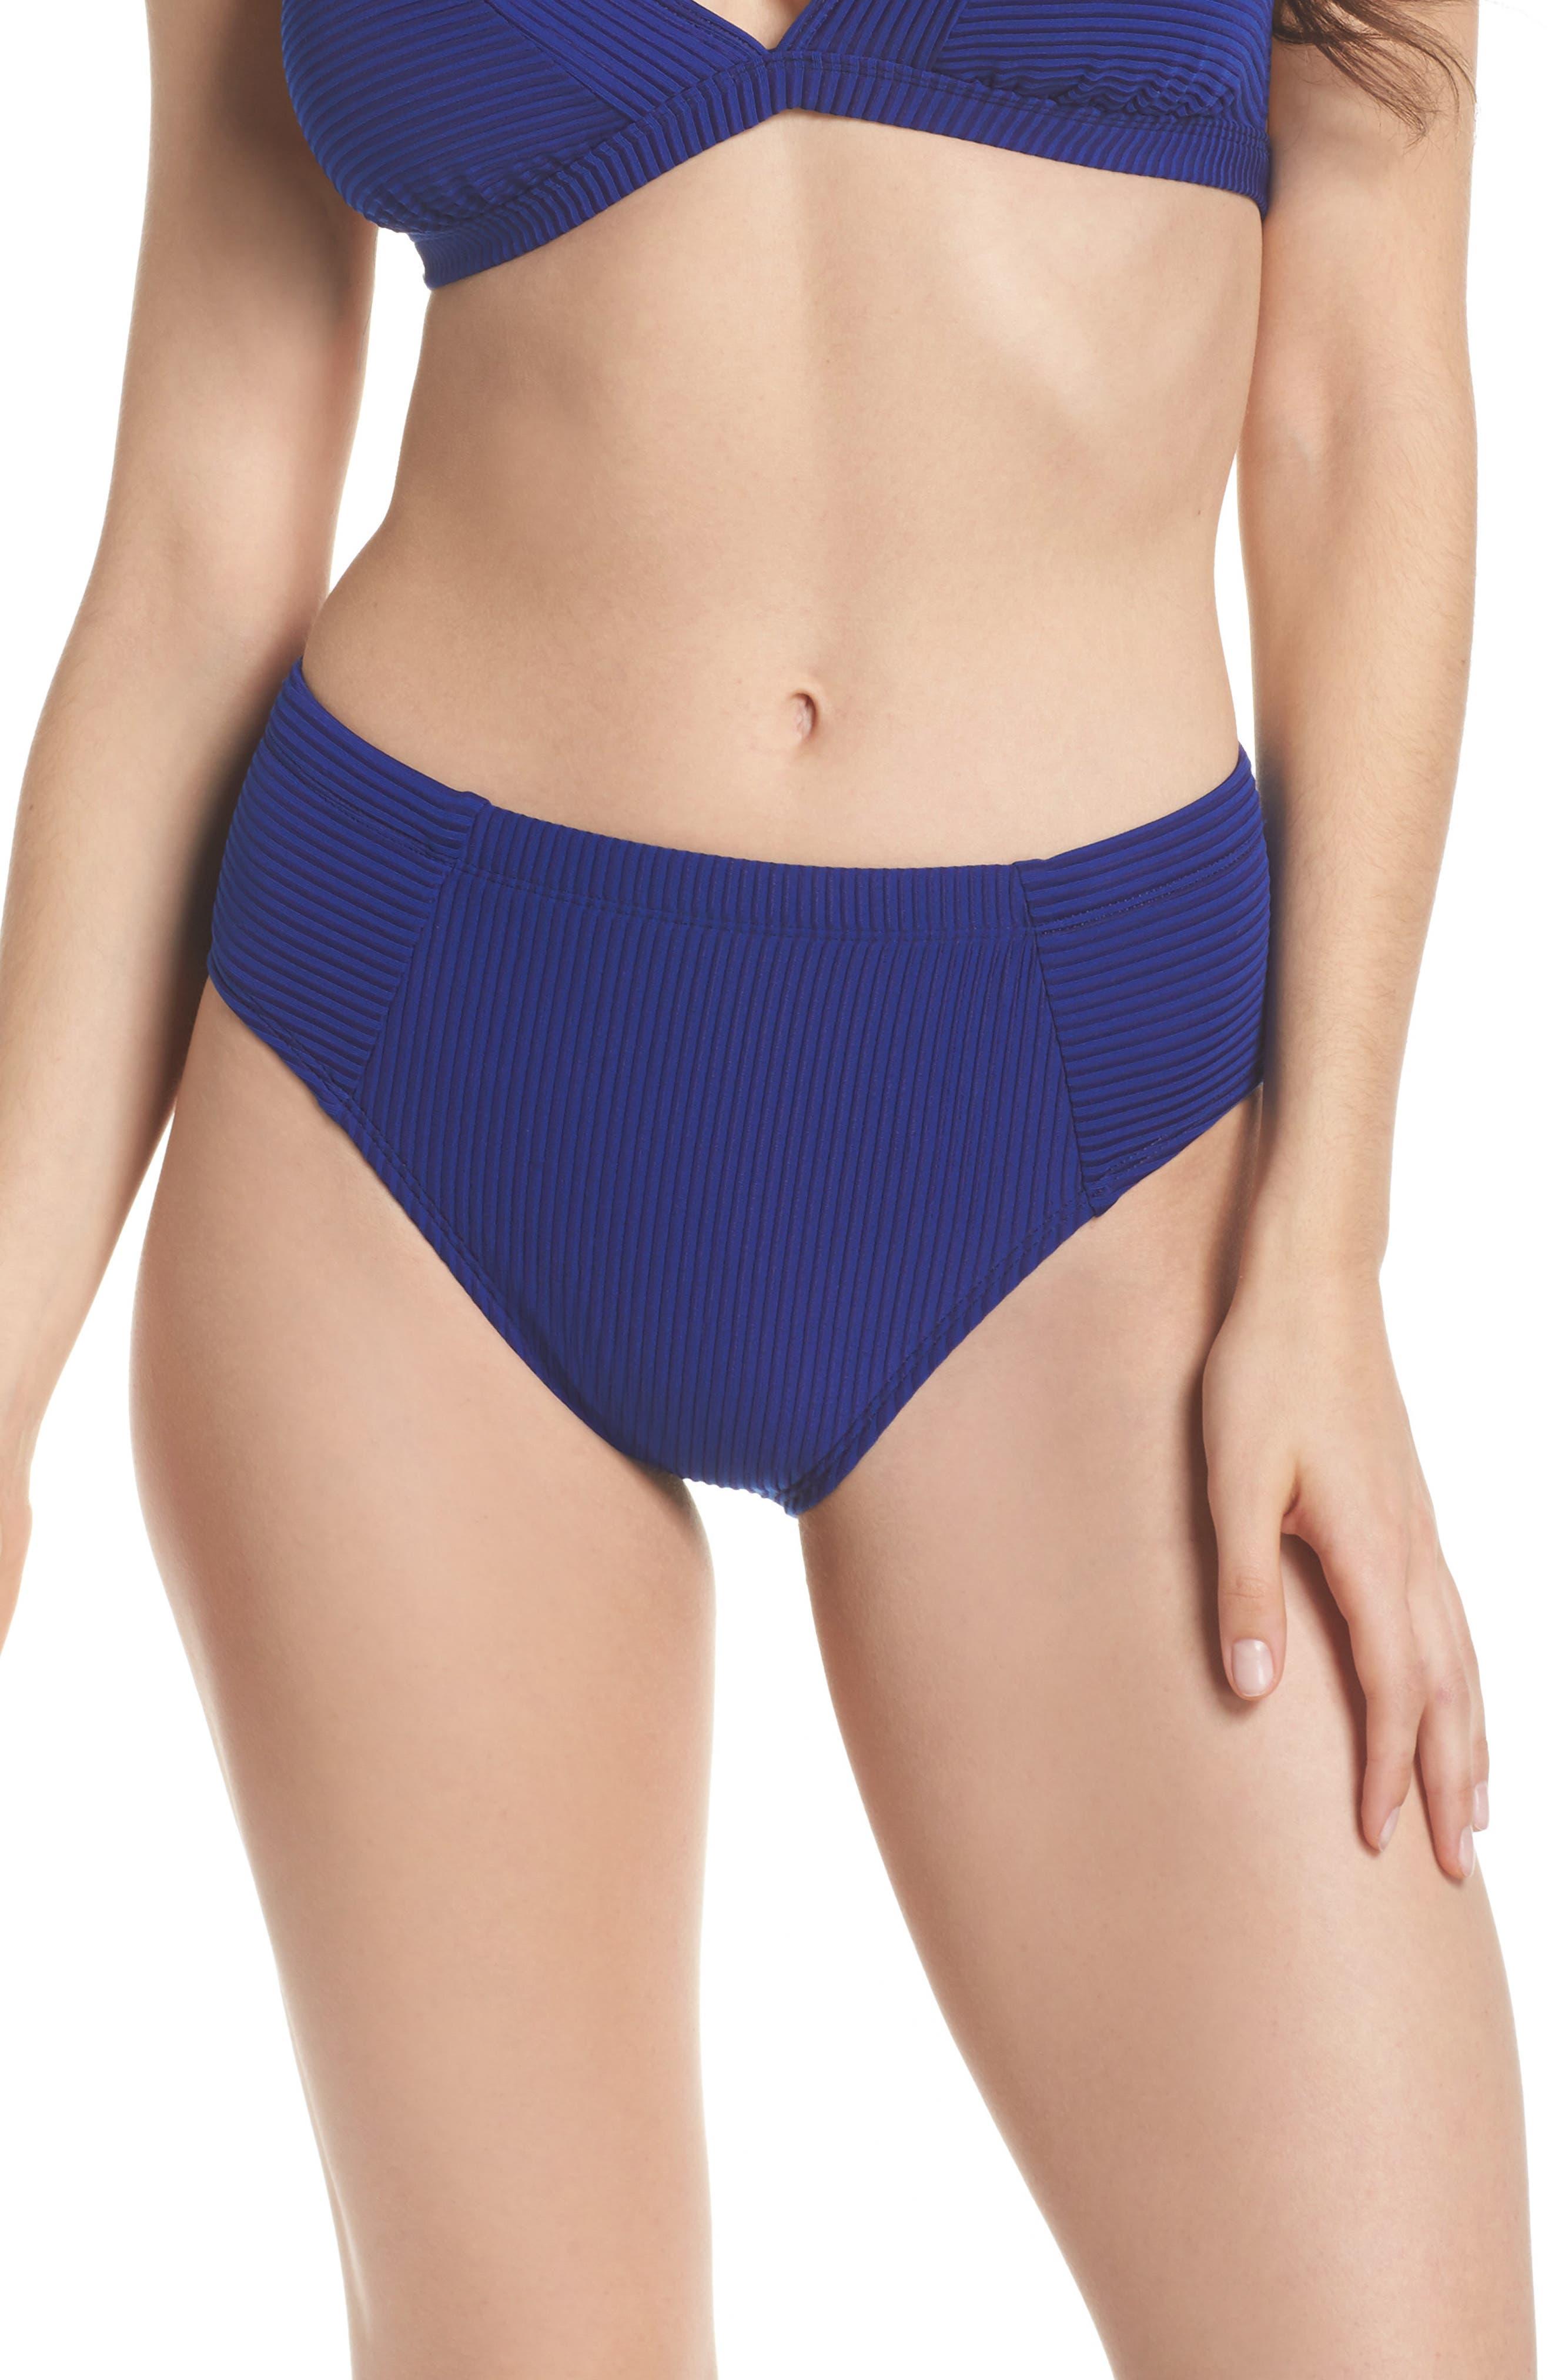 Becca High Waist Bikini Bottoms,                             Main thumbnail 1, color,